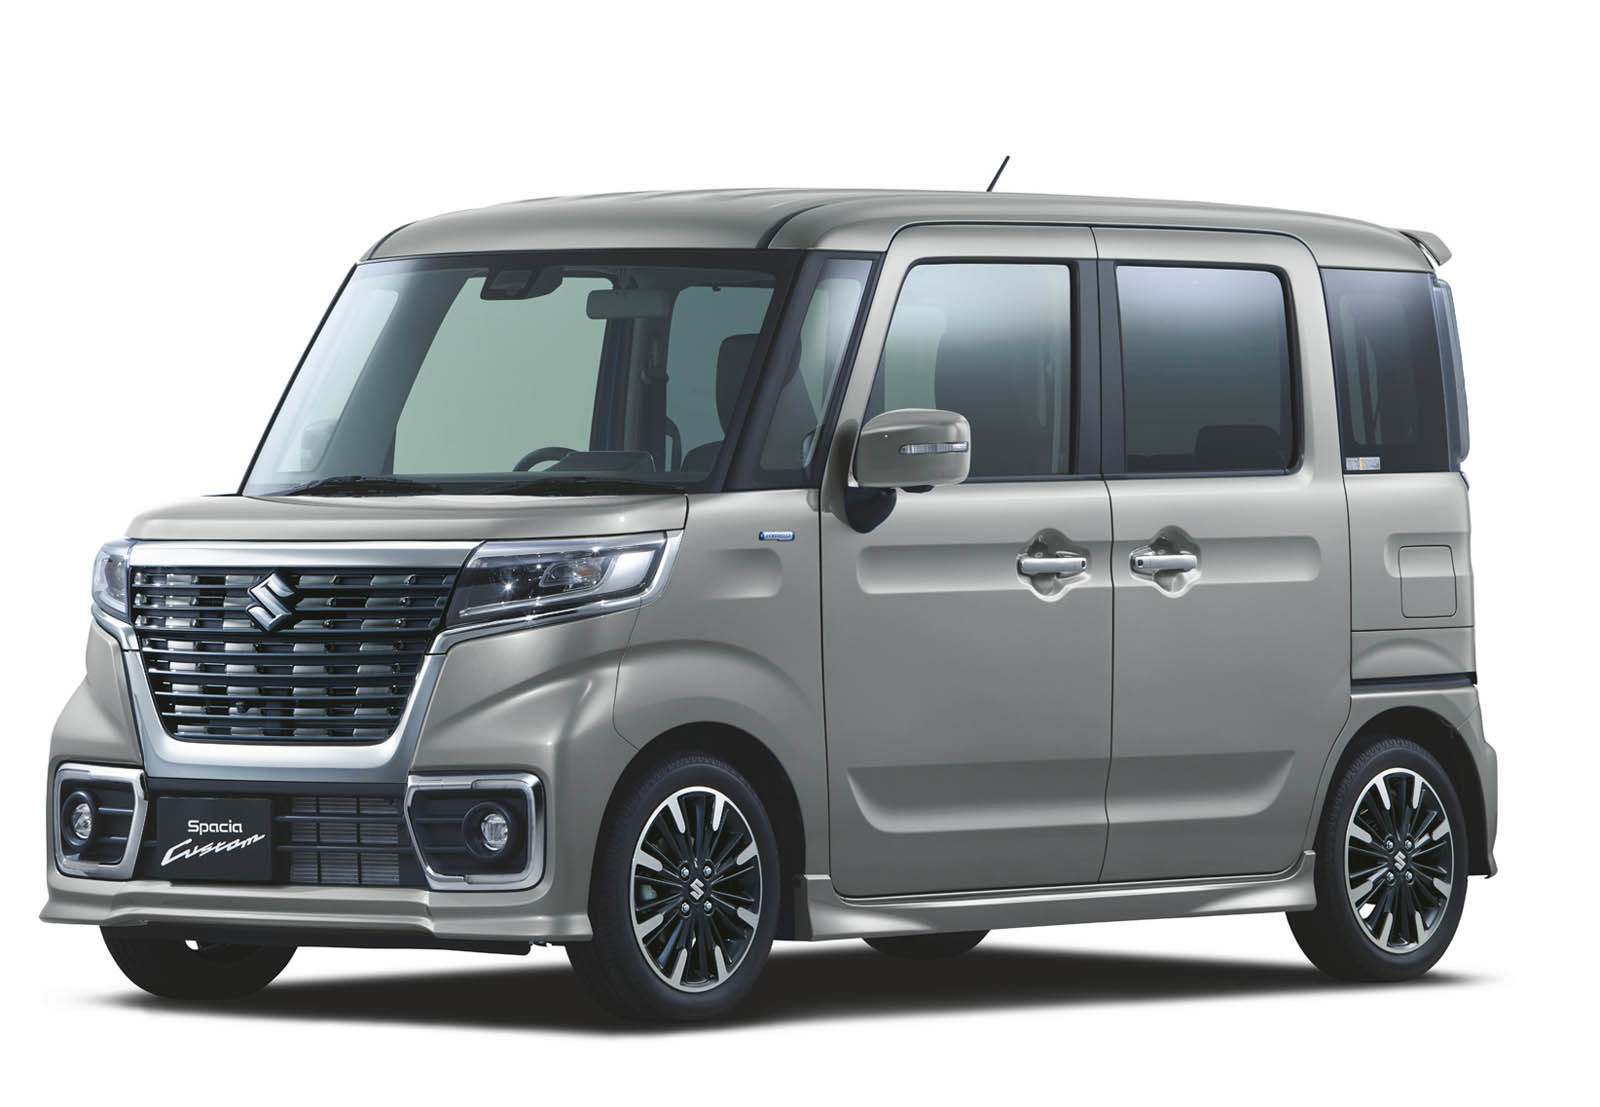 Suzuki Spacia 2018 (24)